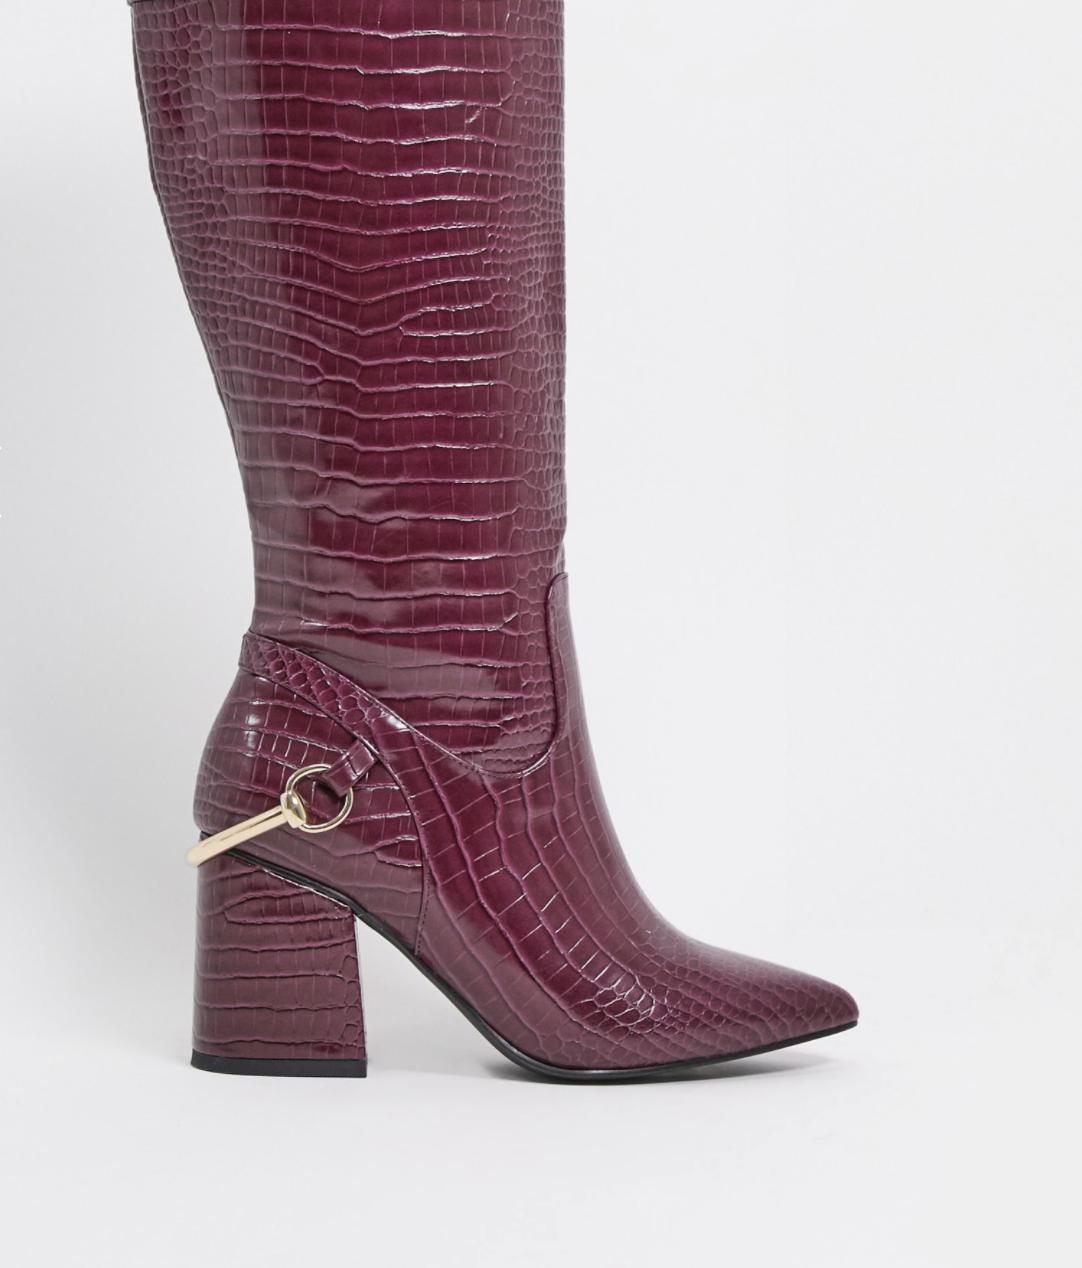 Botas altas de tacón en bloque con diseño de cocodrilo violeta Collins de ASOS DESIGN